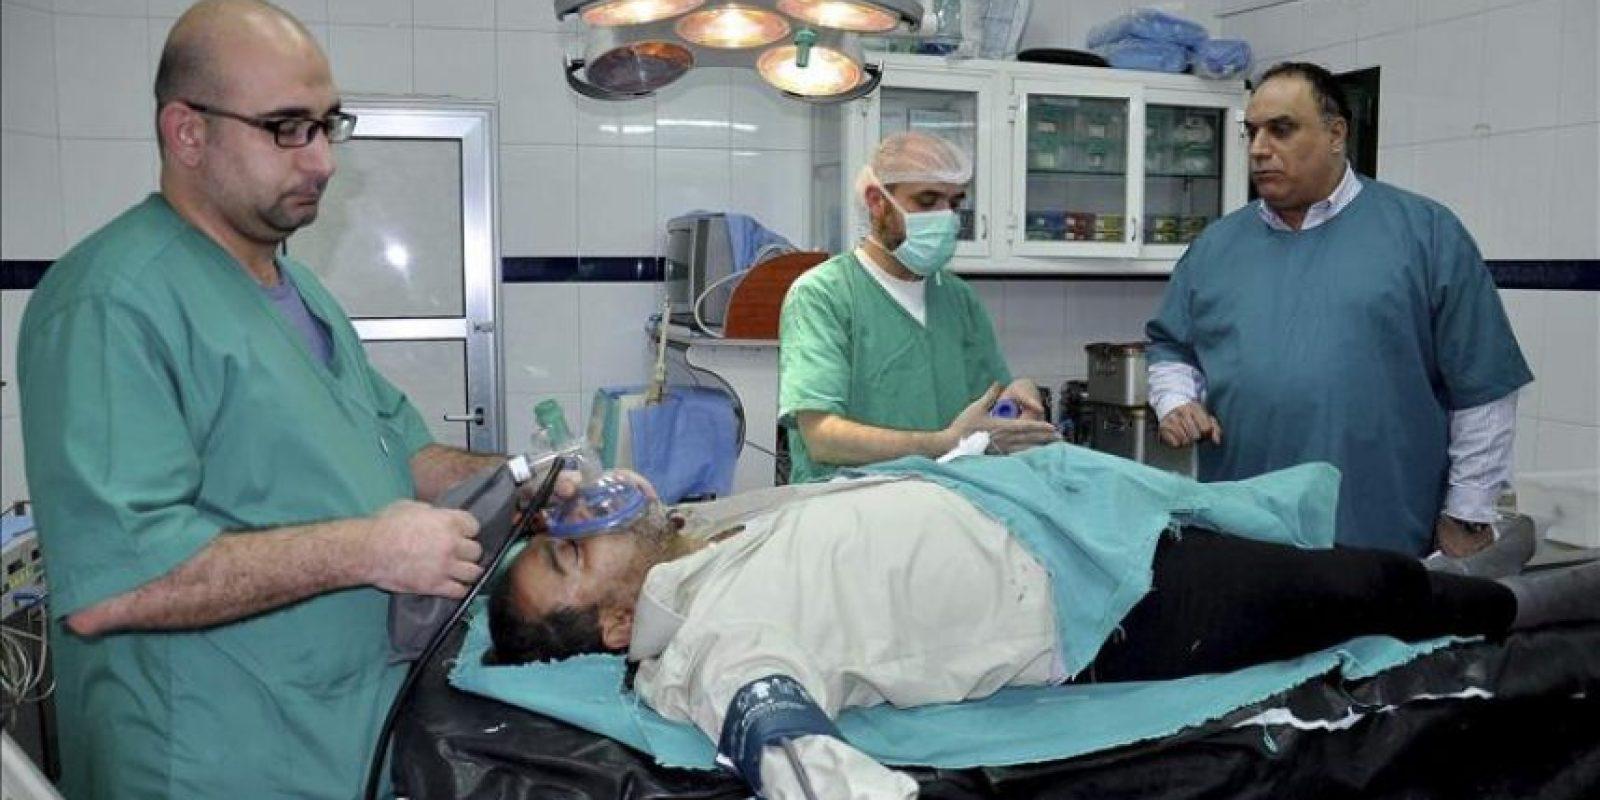 Fotografía facilitada por la Agencia Siria Árabe de Noticias (SANA) en la que se muestra a uno de los heridos por la explosión de un coche bomba en el barrio de Akrama, en el centro de Homs, recibiendo atención médica en el hospital de la ciudad, en Siria, hoy, miércoles 21 de enero de 2015. EFE